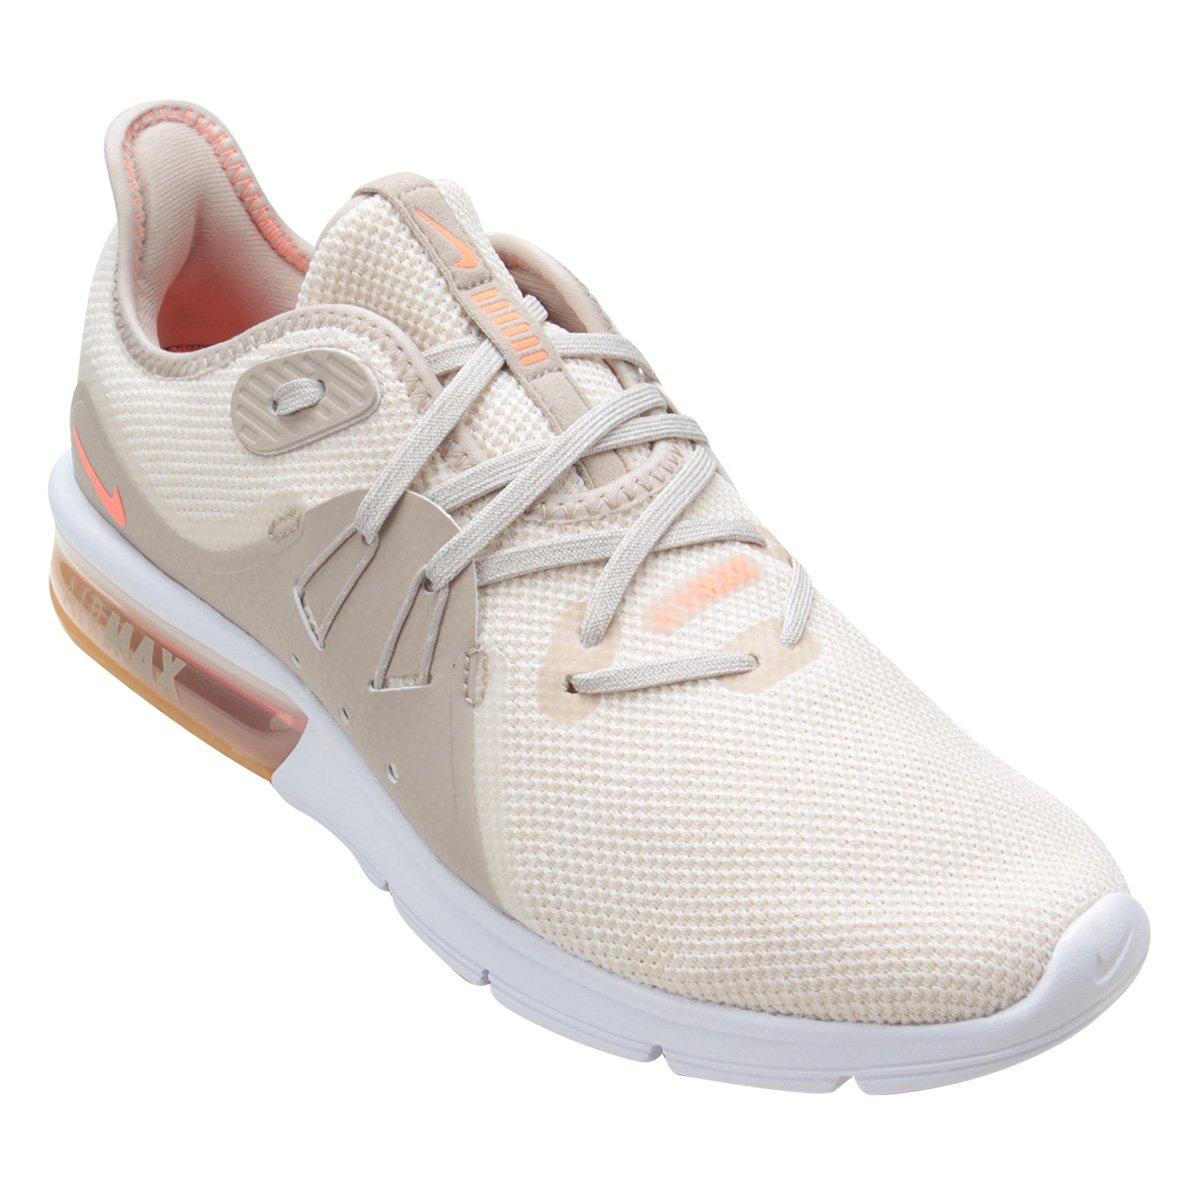 3e0e471407 Tênis Nike Air Max Sequent 3 Summer Feminino - Creme - Compre Agora ...